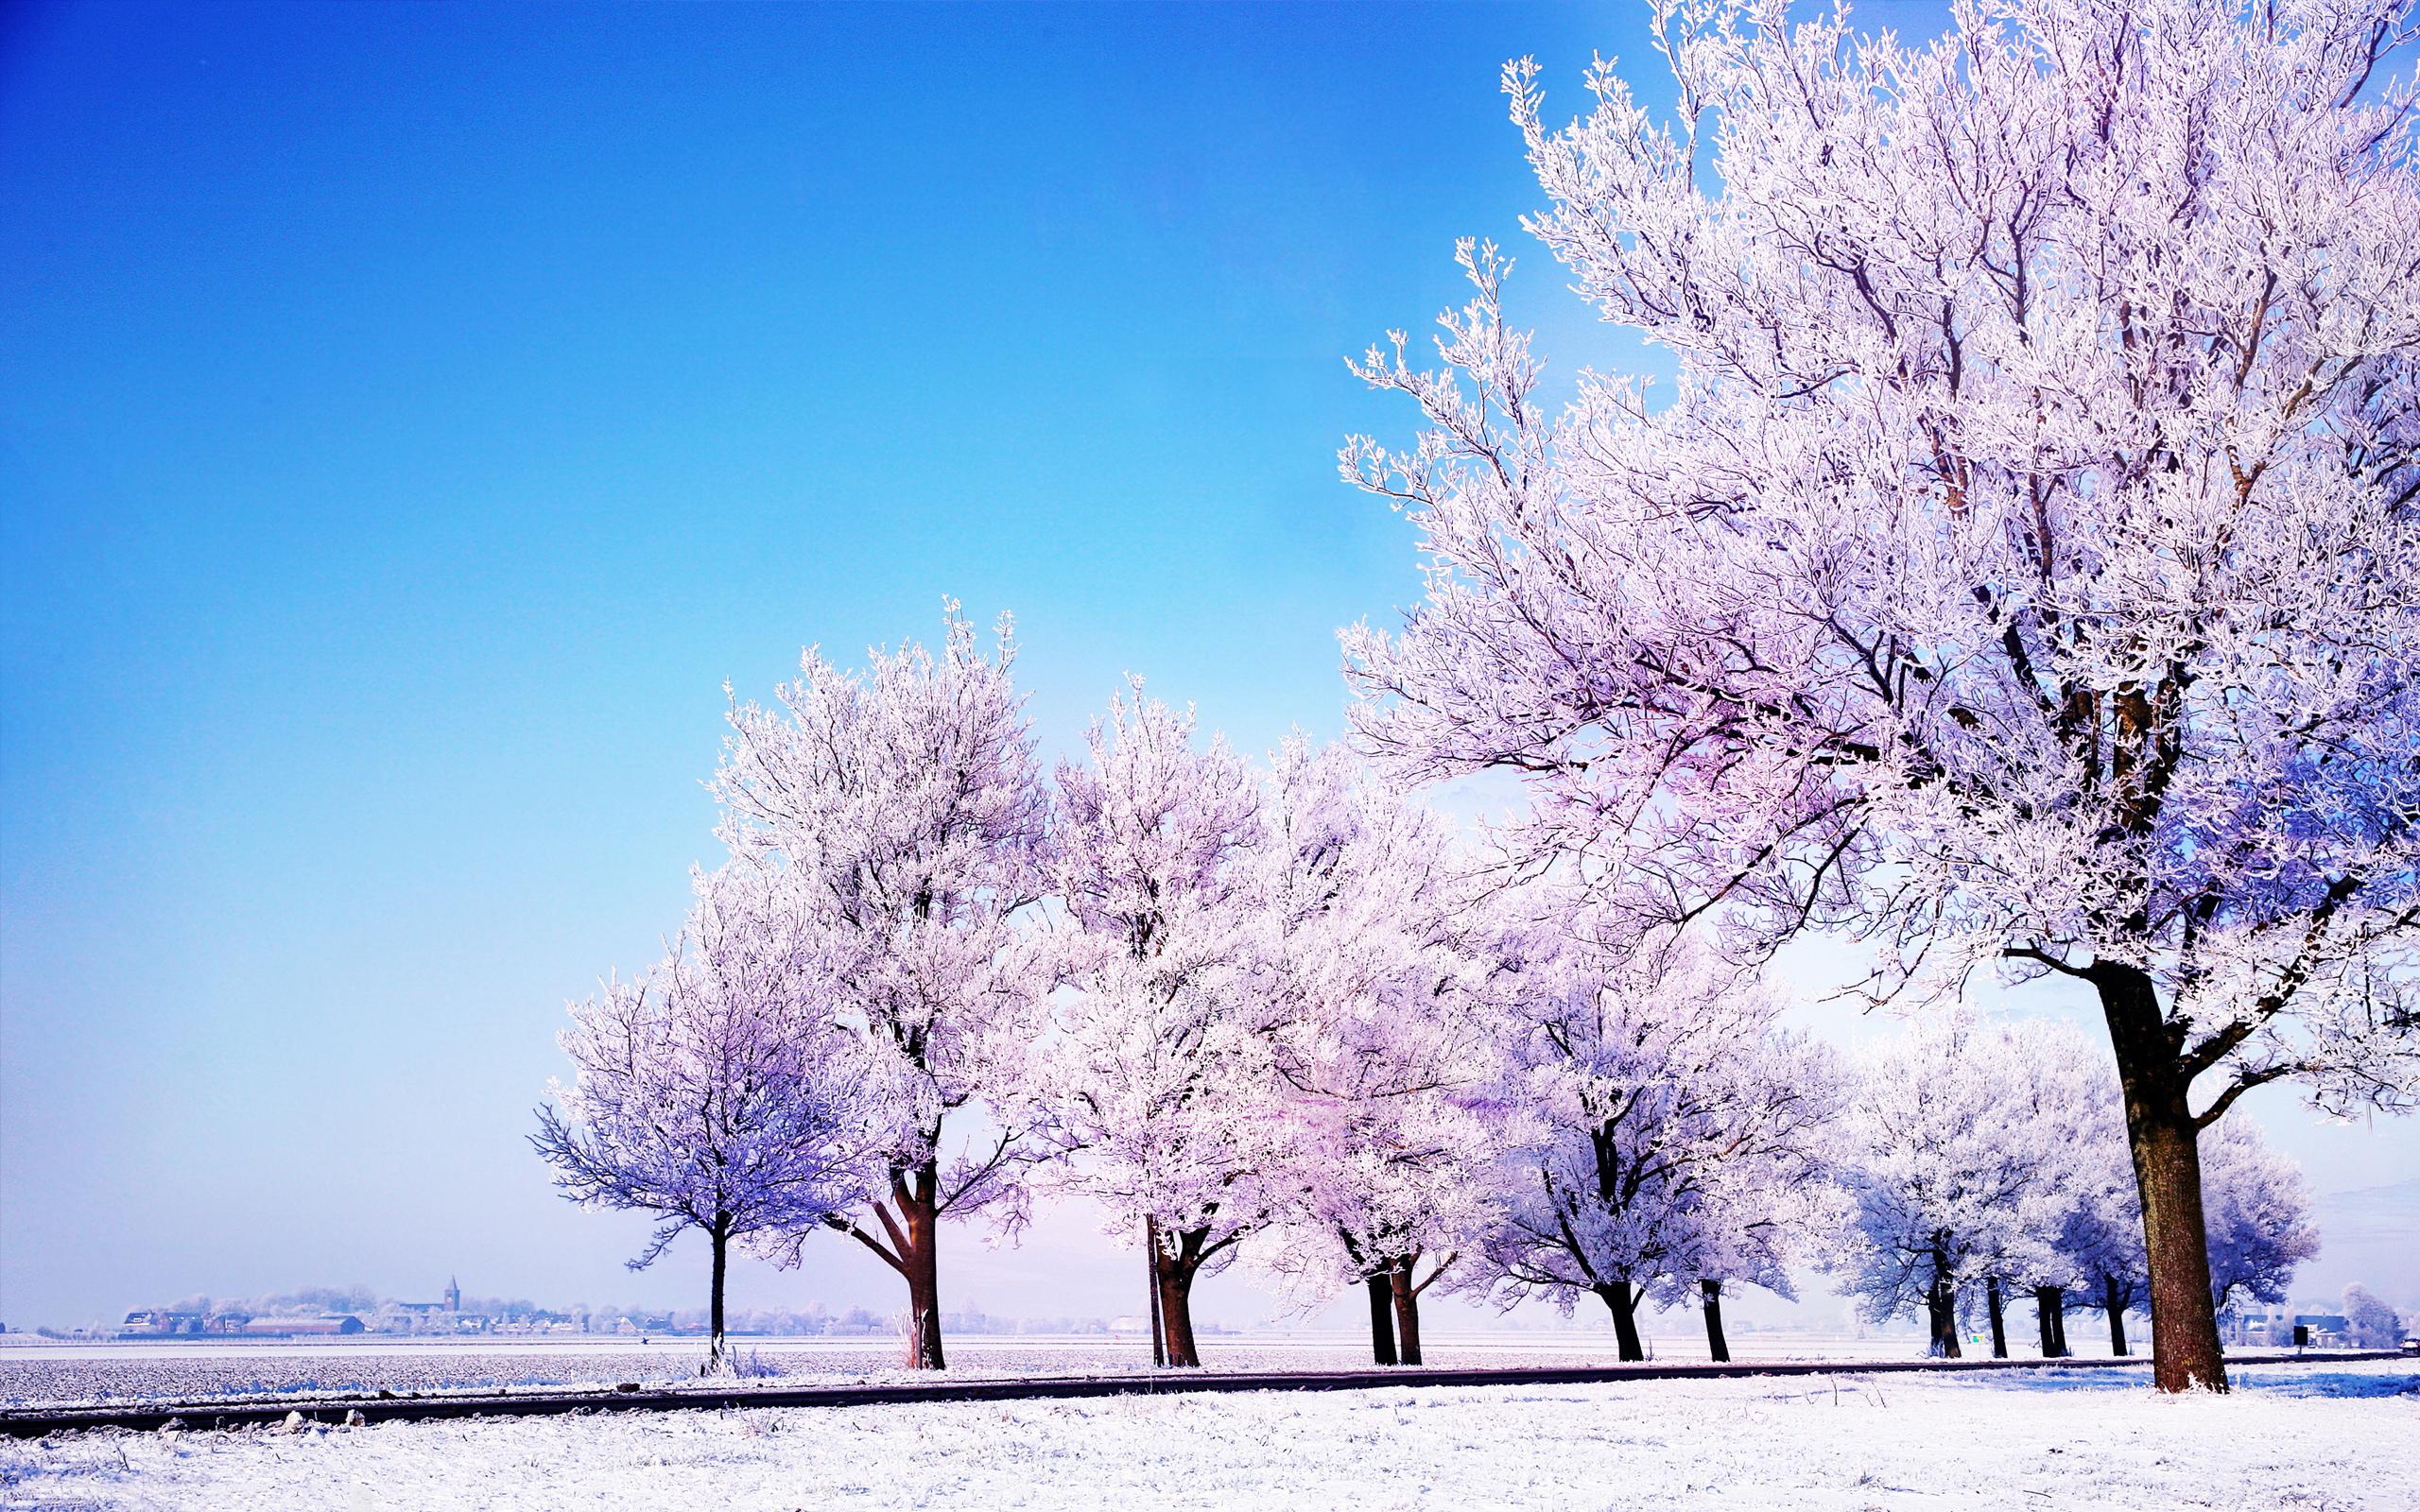 Afbeeldingsresultaat voor winter